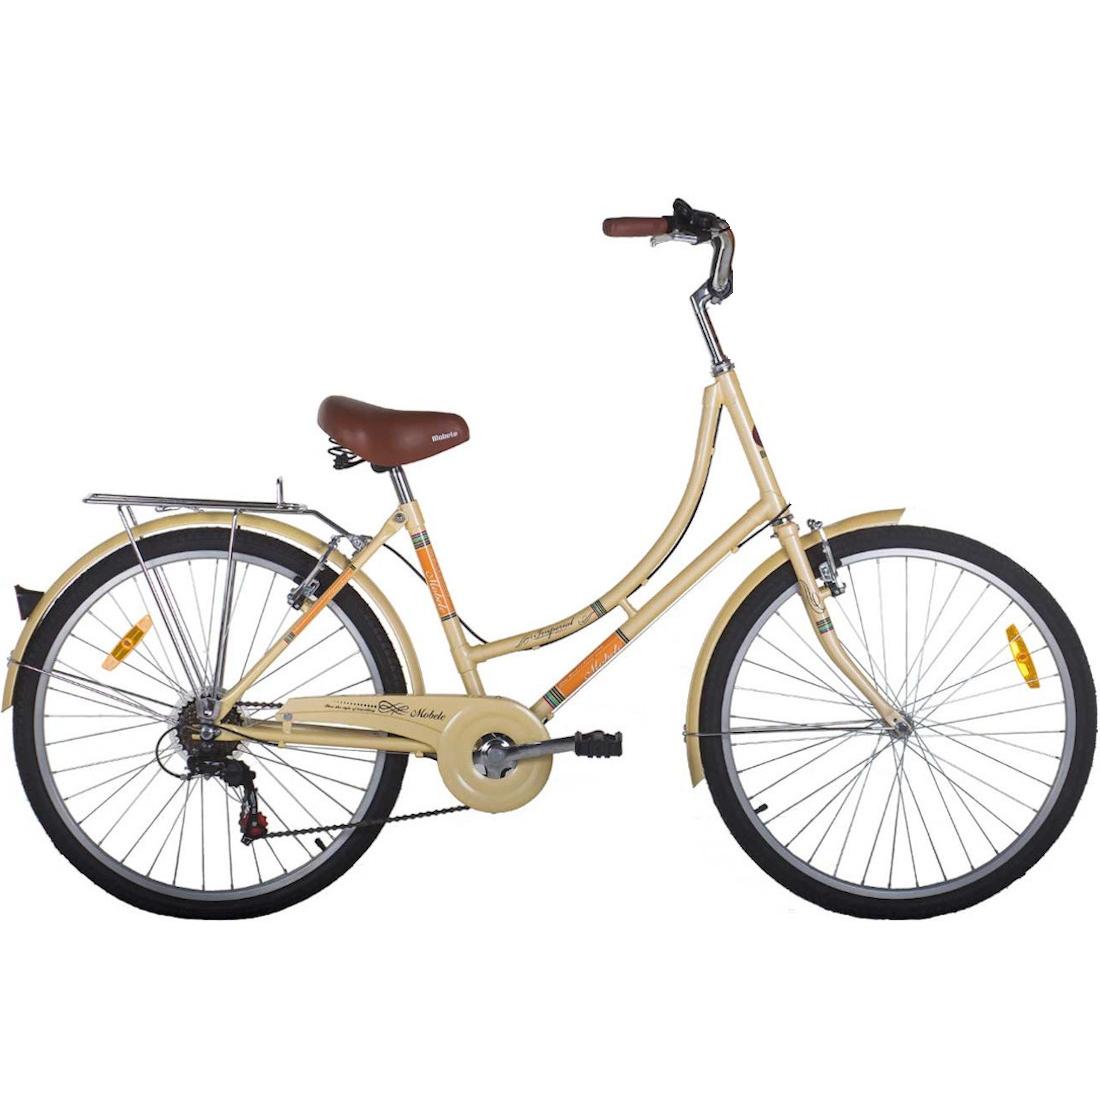 Bicicleta Vintage Retrô Imperial Aro 26 7V Shimano Bege